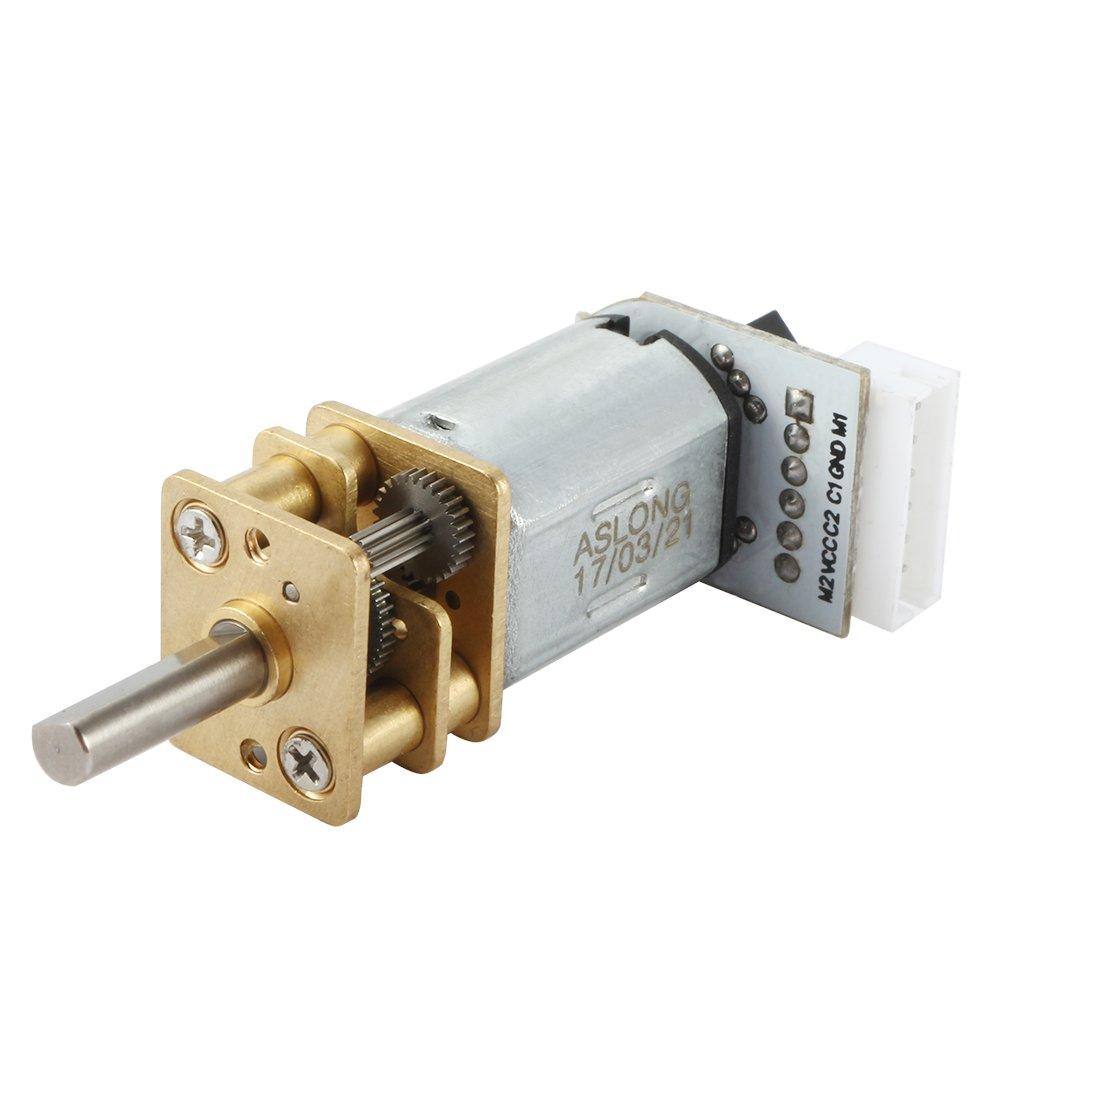 Micro Ré ducteur de vitesse é lectrique de moteur de ré duction de vitesse de DC 12V 600RPM avec des fils sourcing map a17022300ux0120